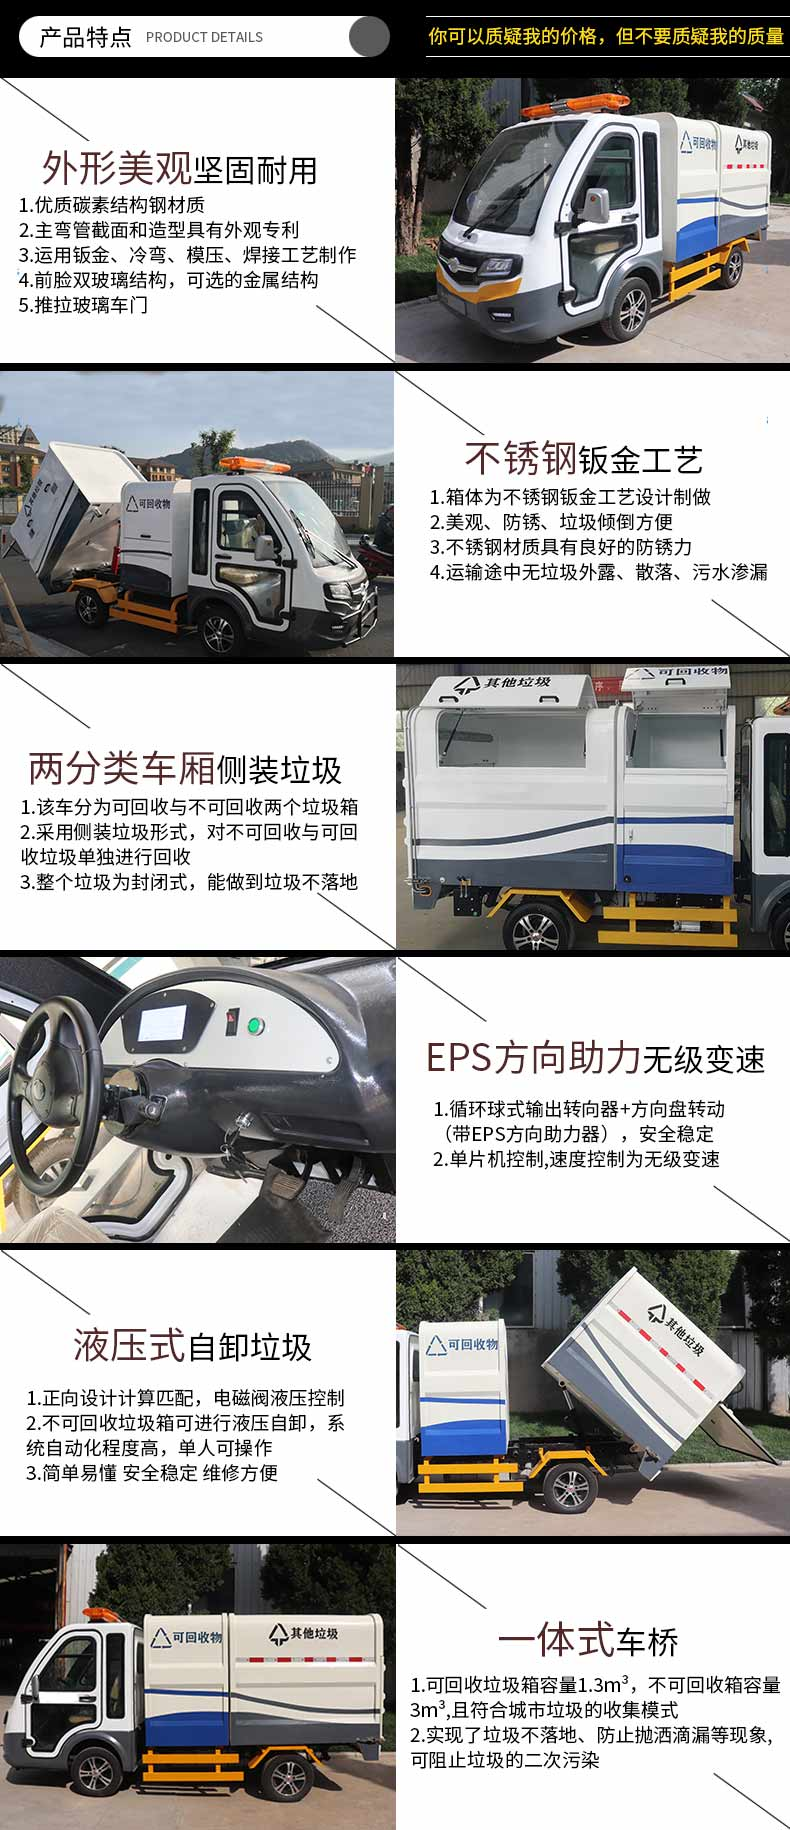 百易长青两分类纯电动垃圾清运车产品特点